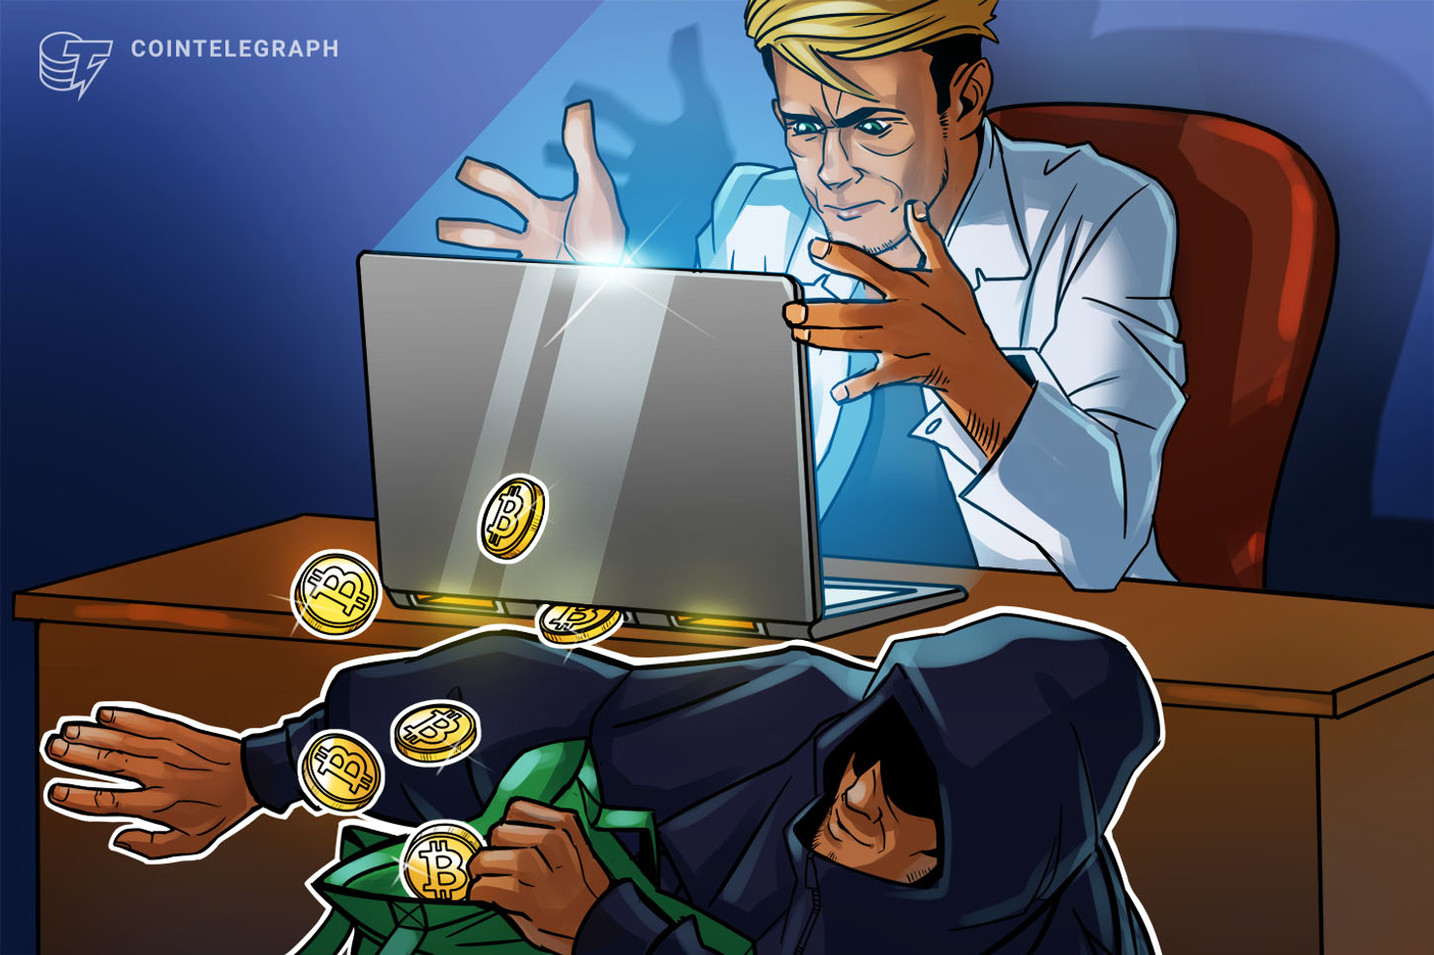 「プラストークン詐欺が仮想通貨ビットコイン下落要因の可能性」=チェイナリシスが分析レポート【ニュース】